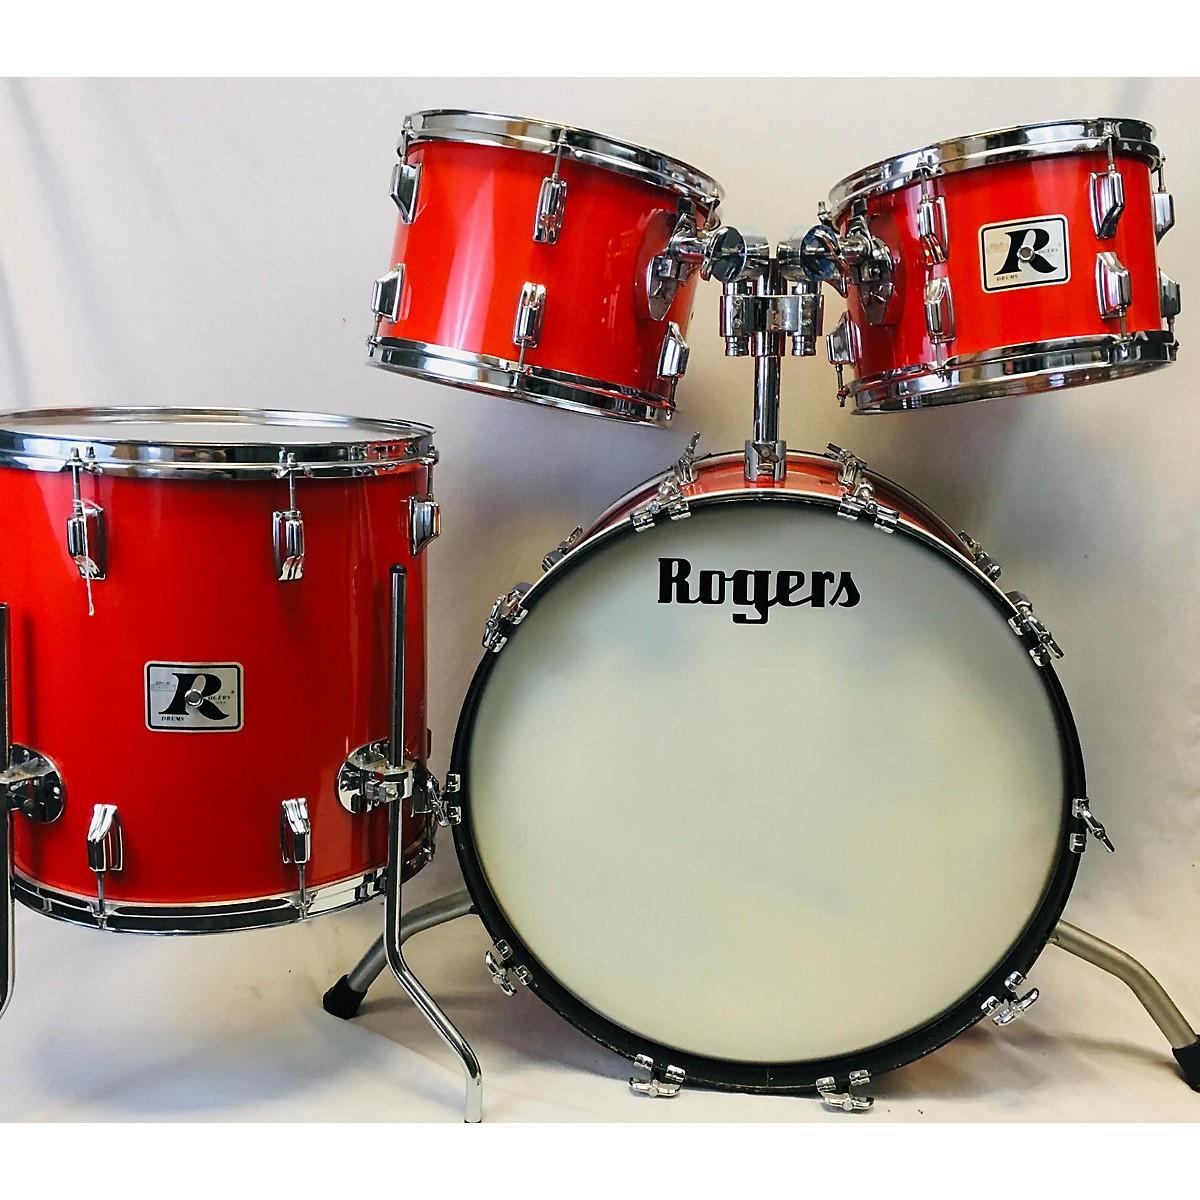 Rogers Fullerton Drum Kit